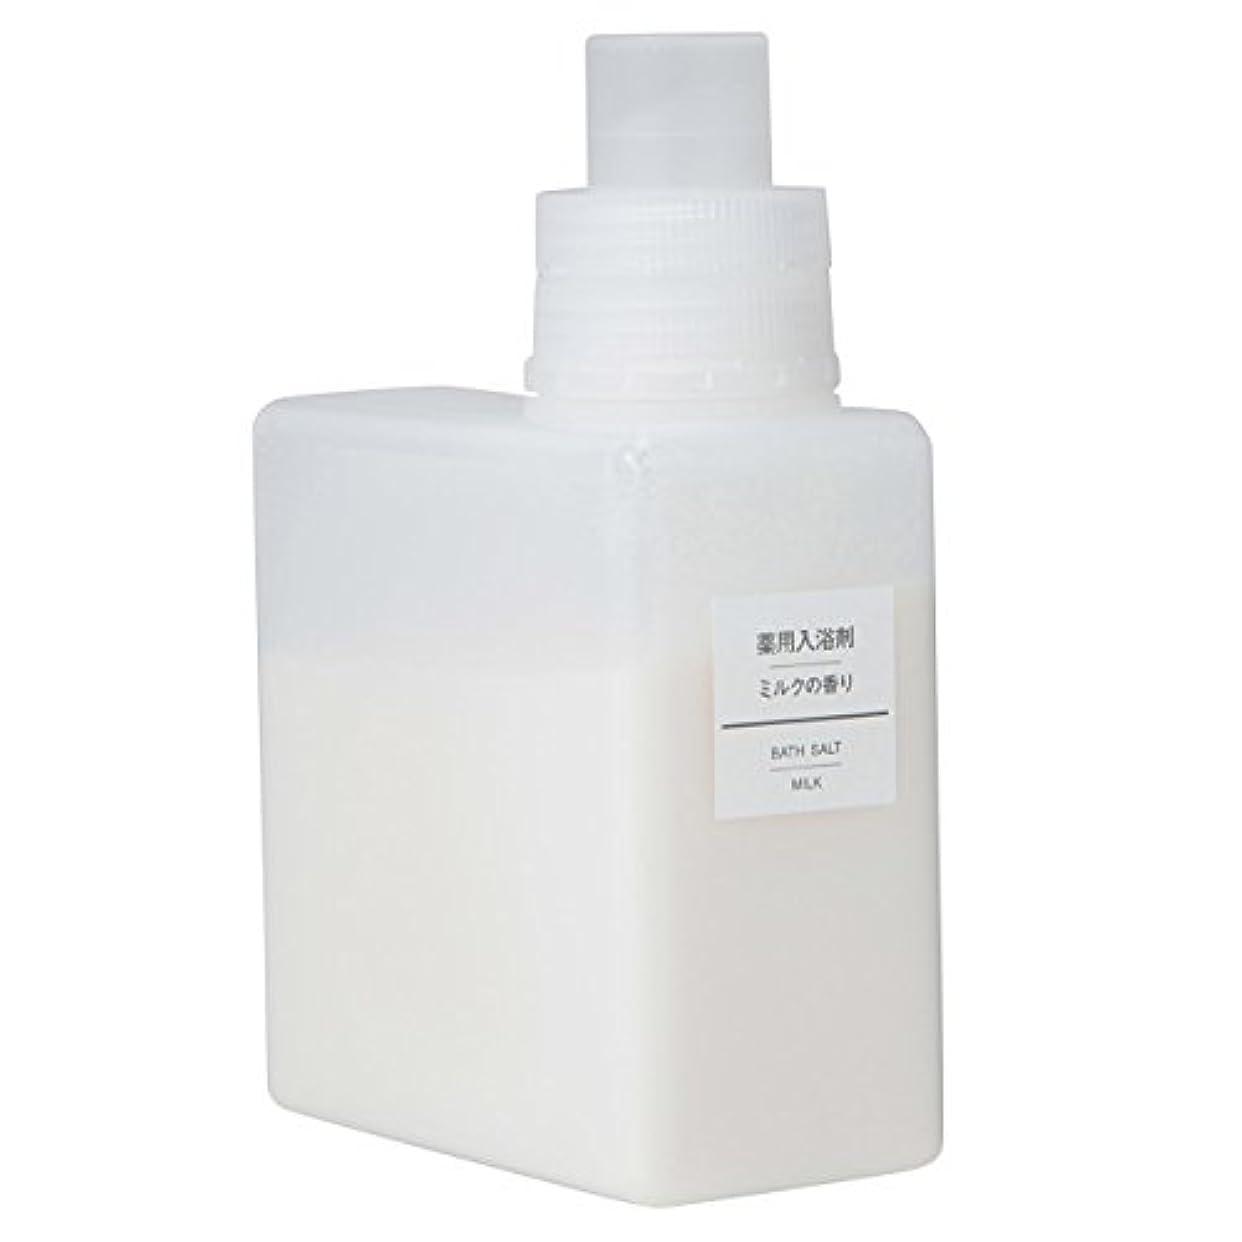 スノーケル横向きマングル無印良品 薬用入浴剤?ミルクの香り (新)500g 日本製